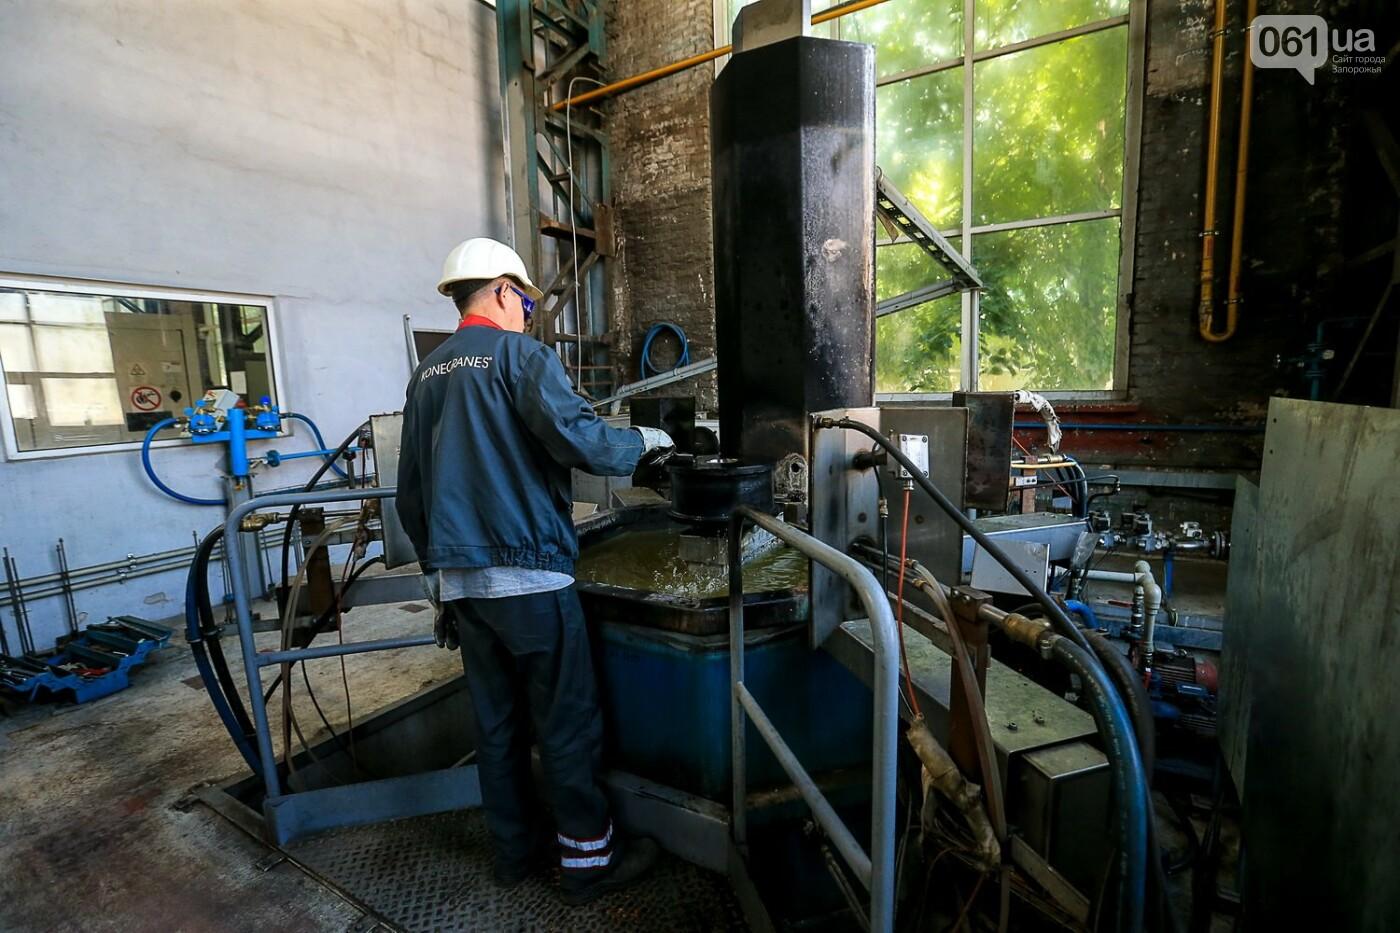 Как в Запорожье работает крупнейший в Европе завод по производству кранов: экскурсия на производство, — ФОТОРЕПОРТАЖ, фото-50